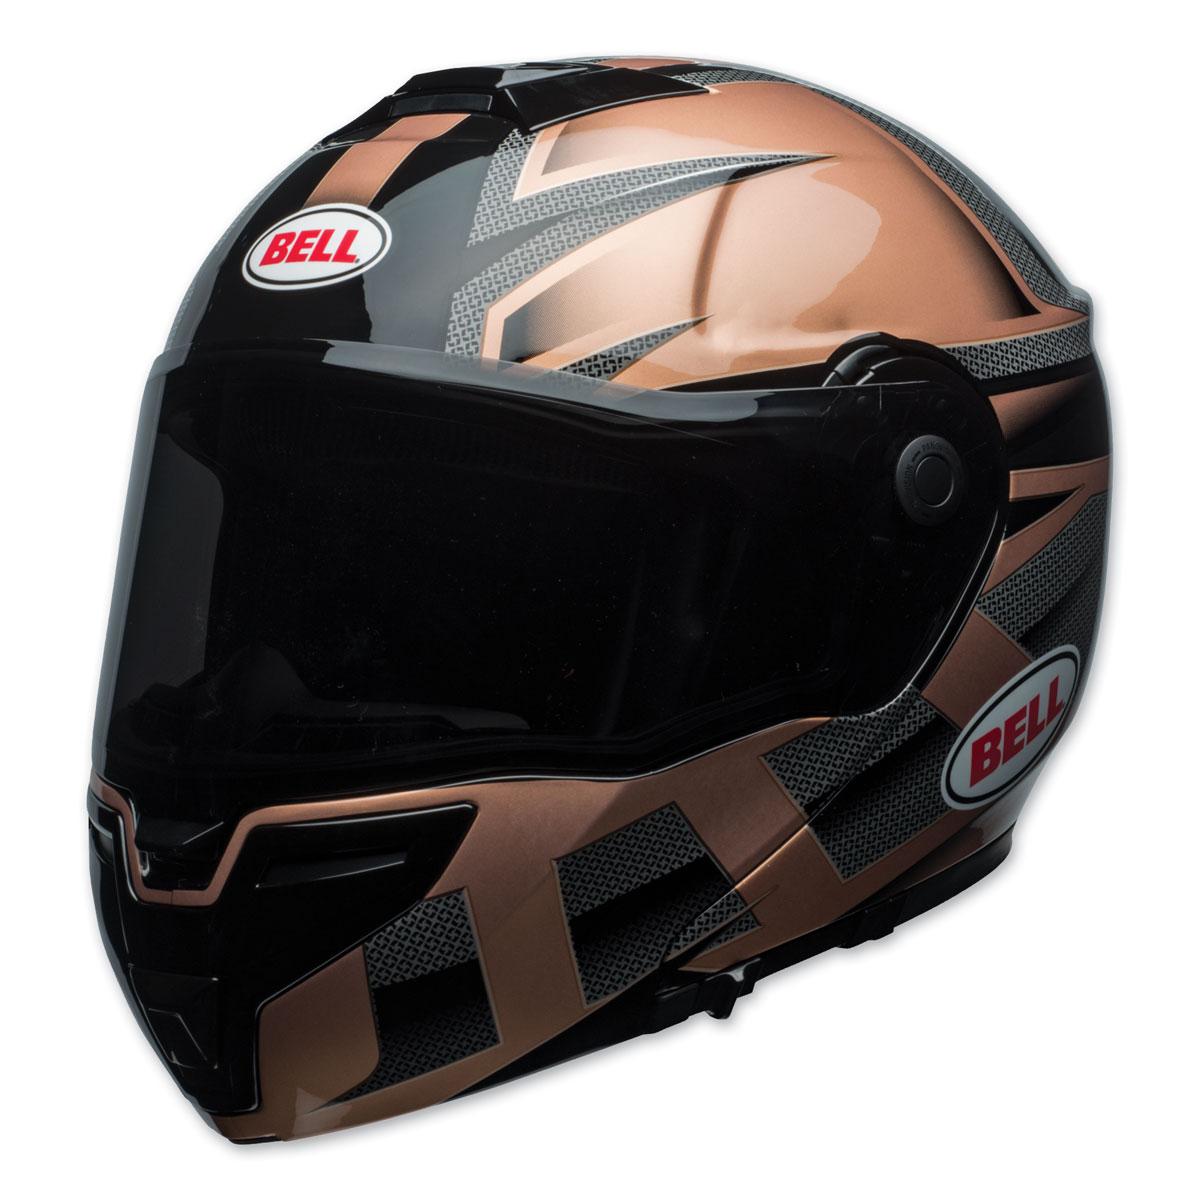 Bell SRT Predator Gloss Copper/Black Modular Helmet